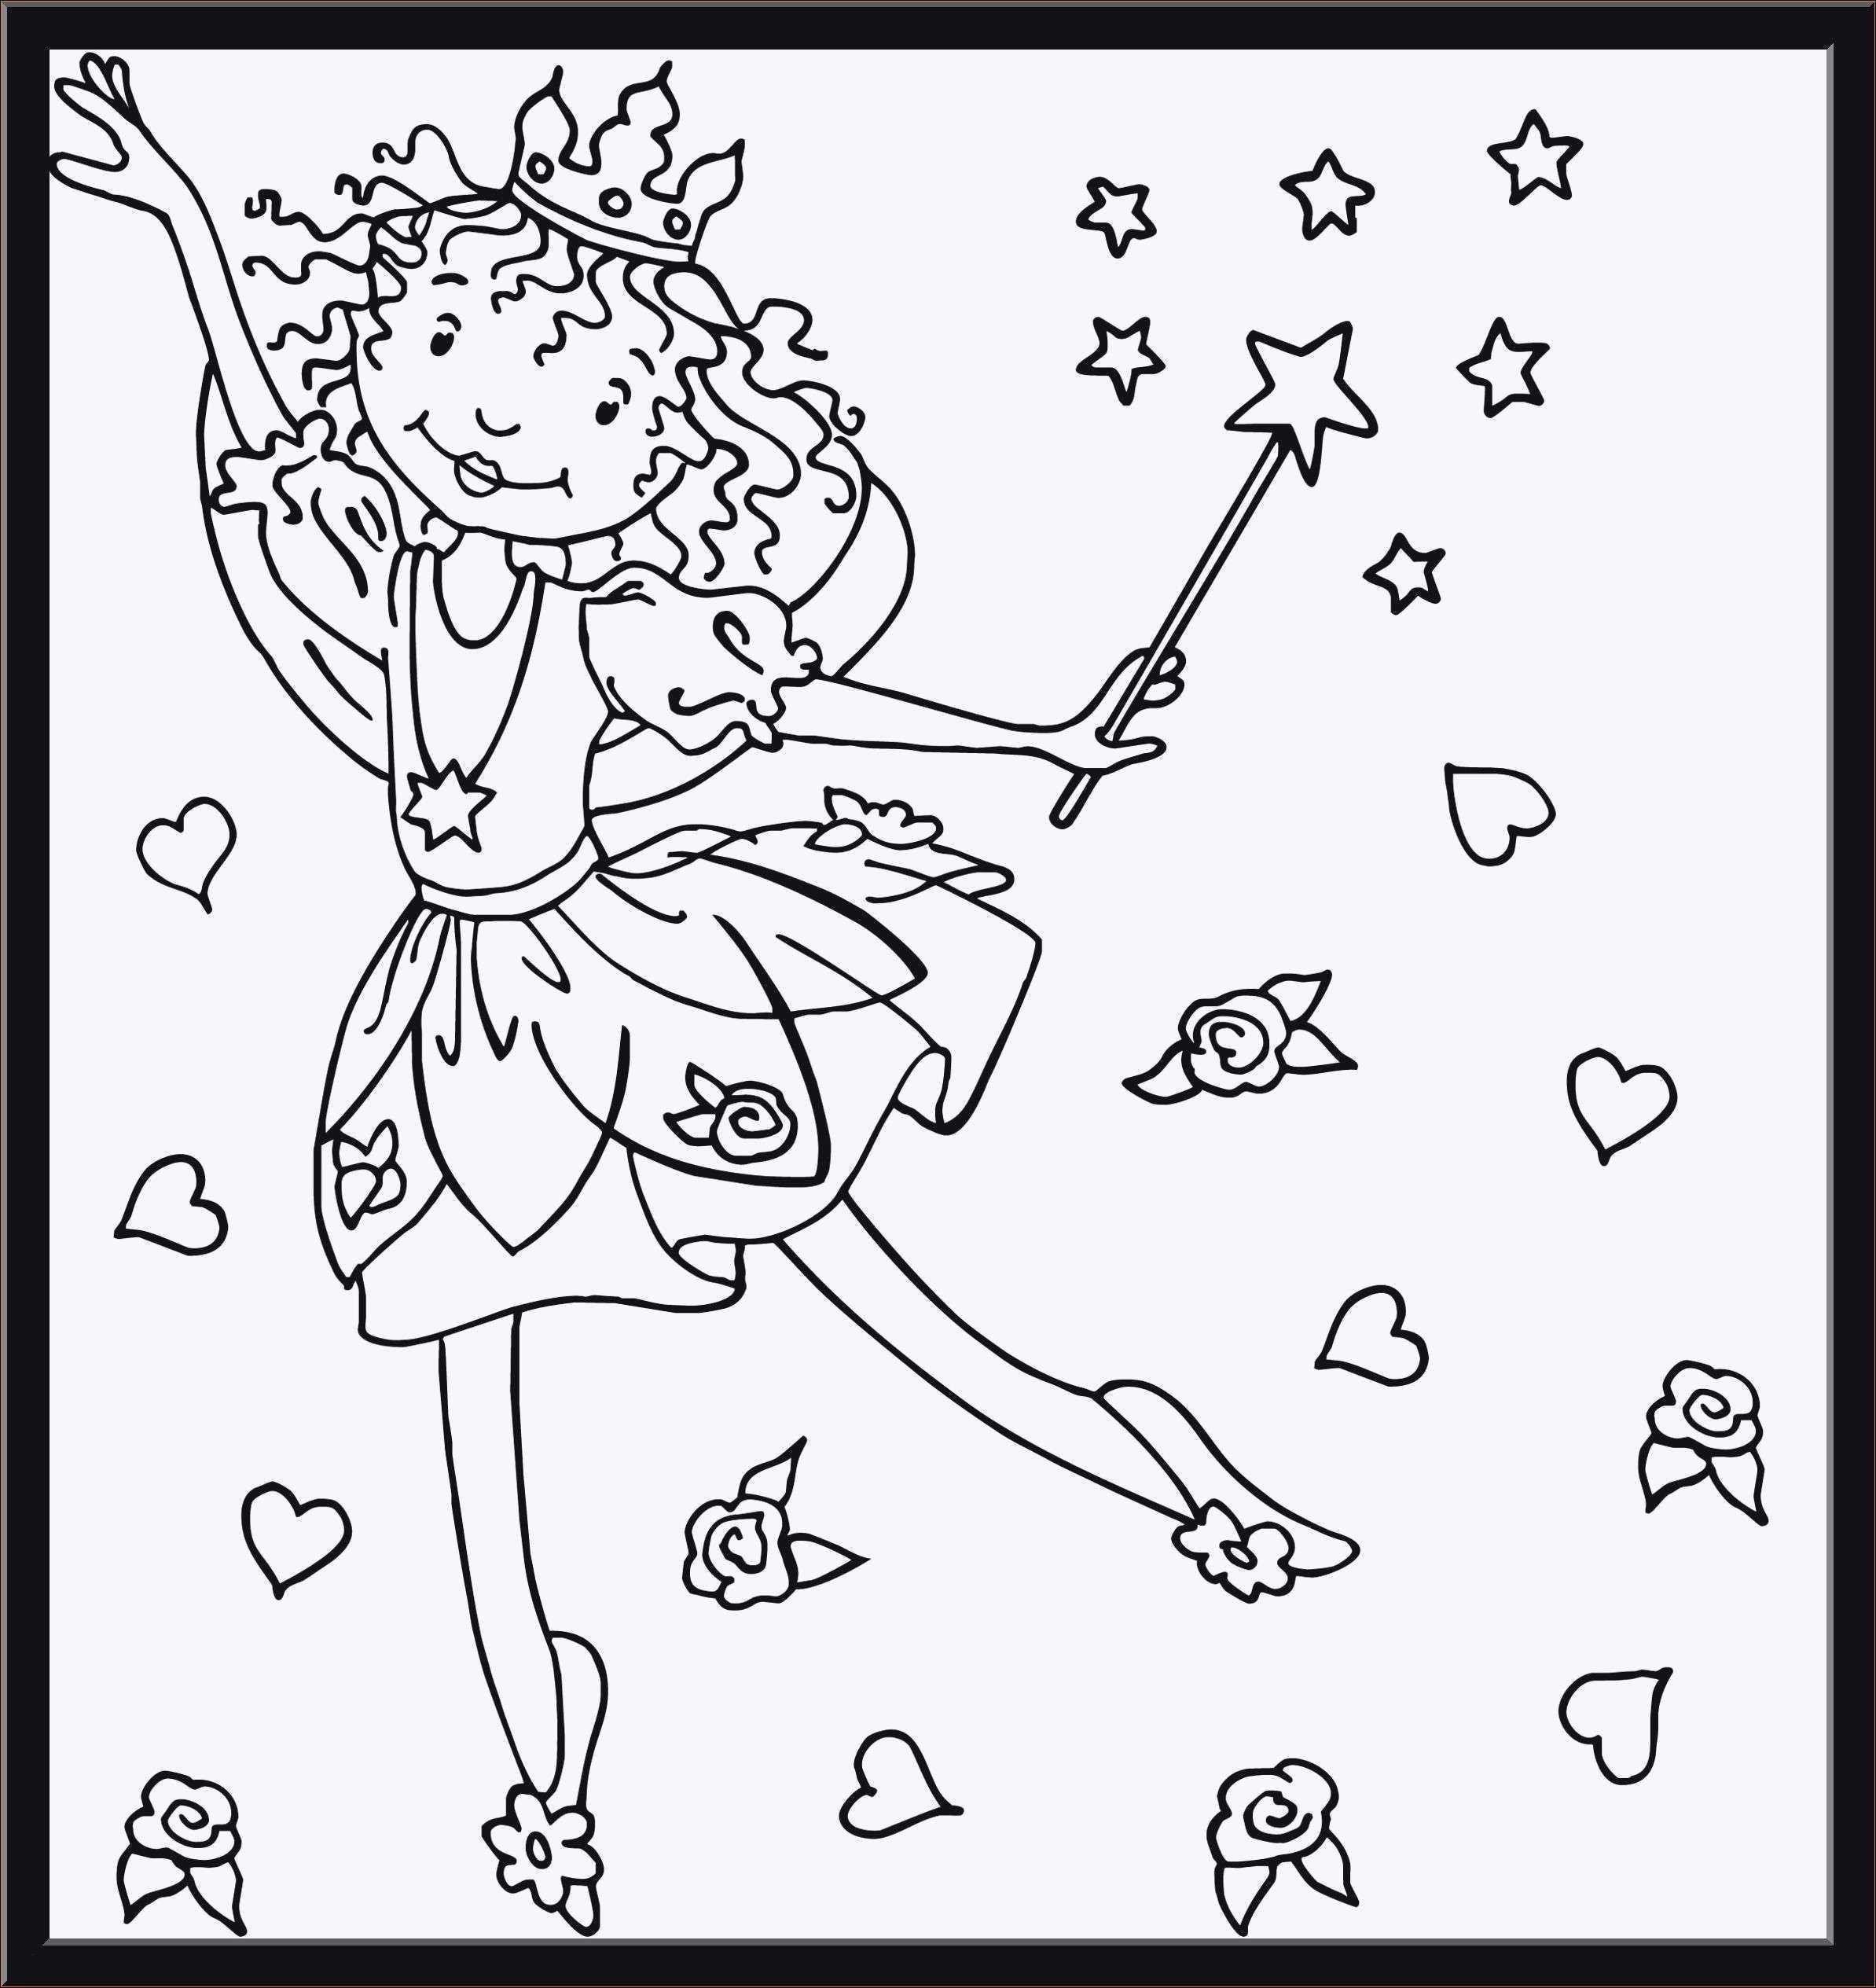 Malvorlagen Prinzessin Lillifee Neu Prinzessin Lillifee Zum Ausmalen Ideen – Ausmalbilder Ideen Fotografieren